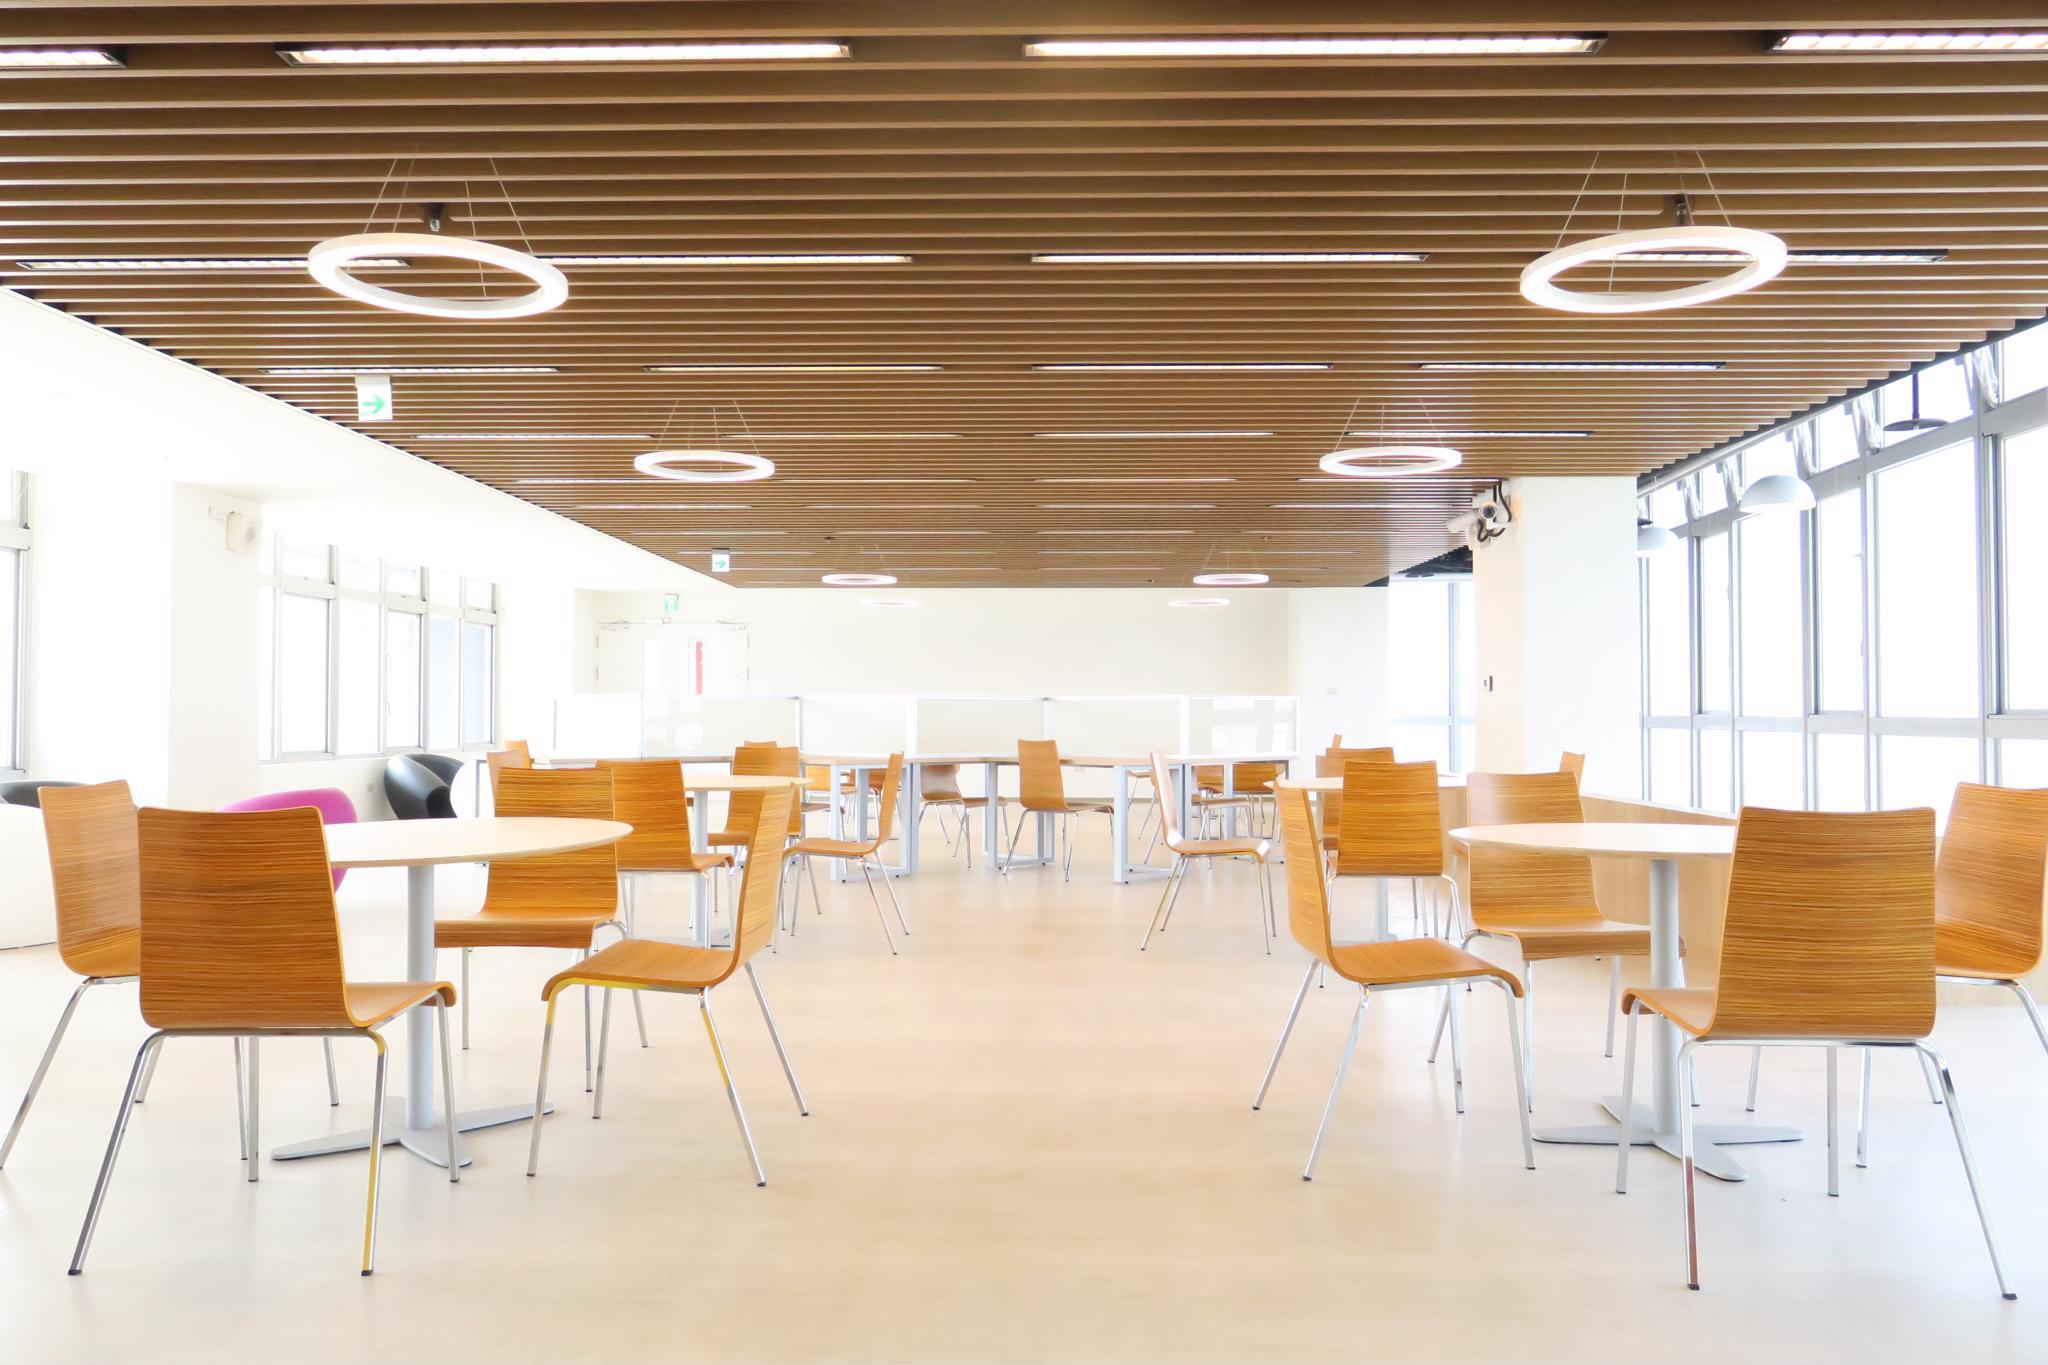 新建熱誠宿舍 為學生建構「身心靈全備」的生活場域